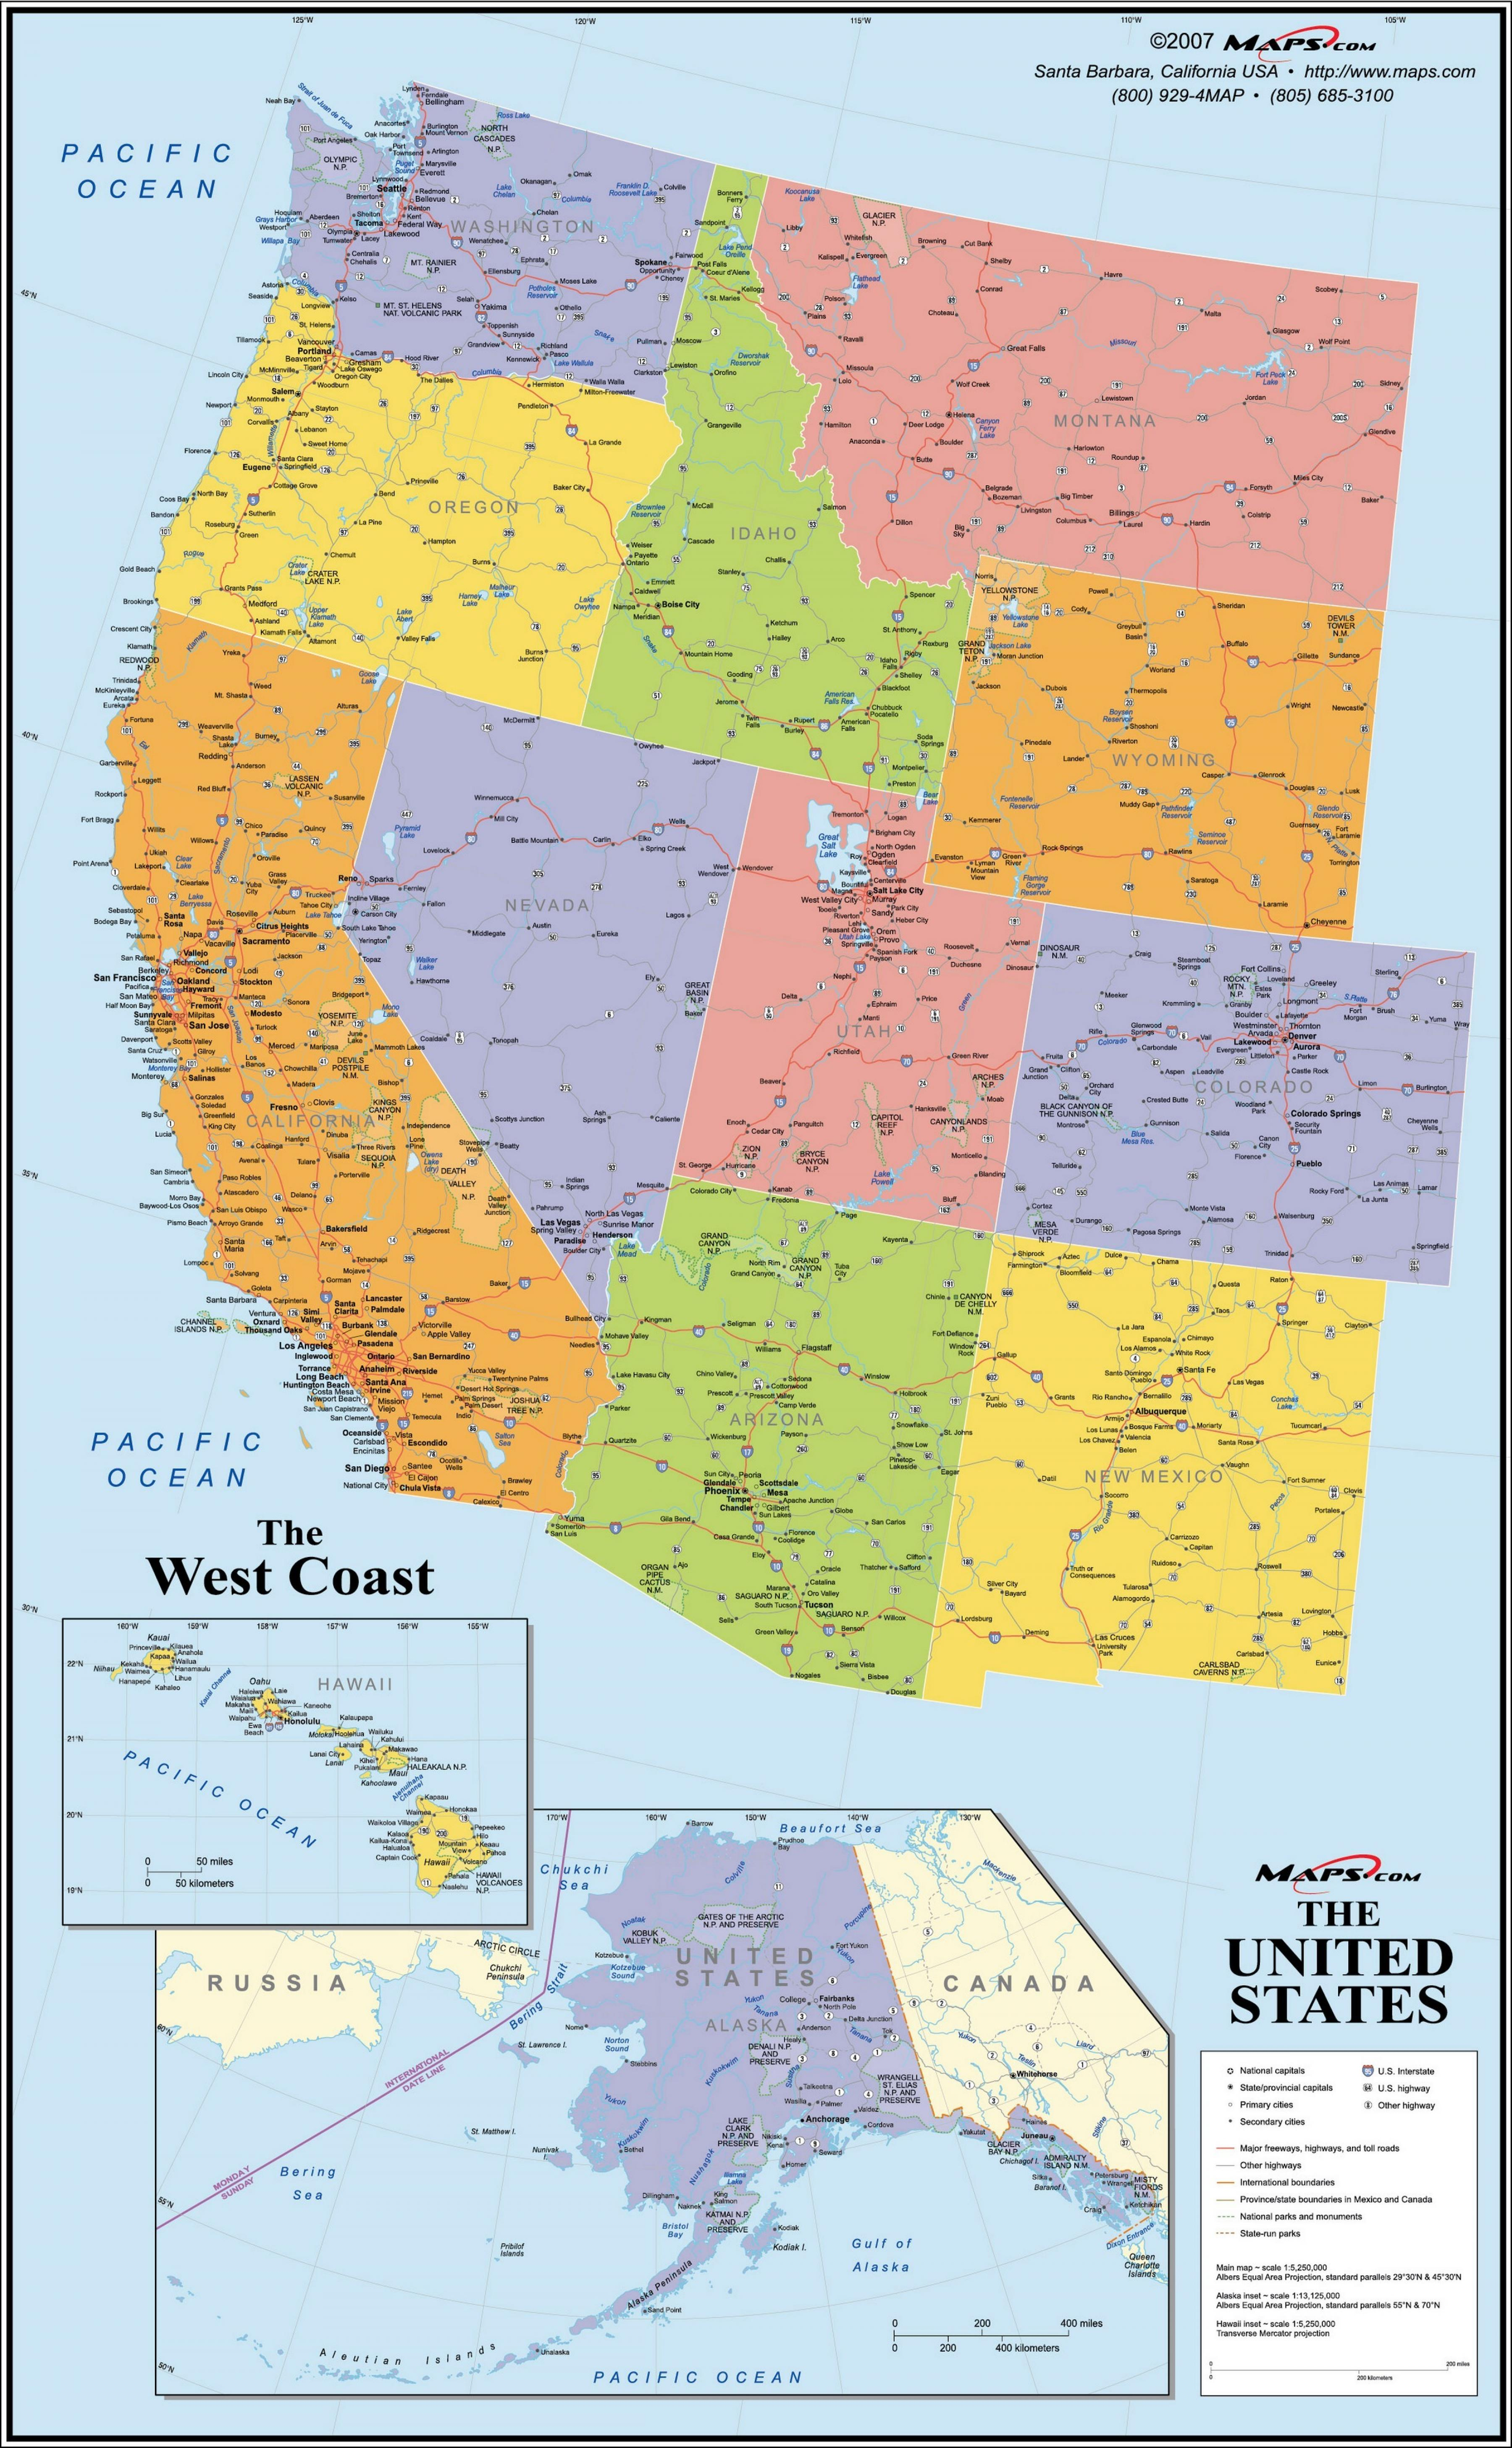 America Occidentale Cartina.Mappa Usa Costa Ovest Mappa Degli Stati Uniti West Coast America Del Nord America